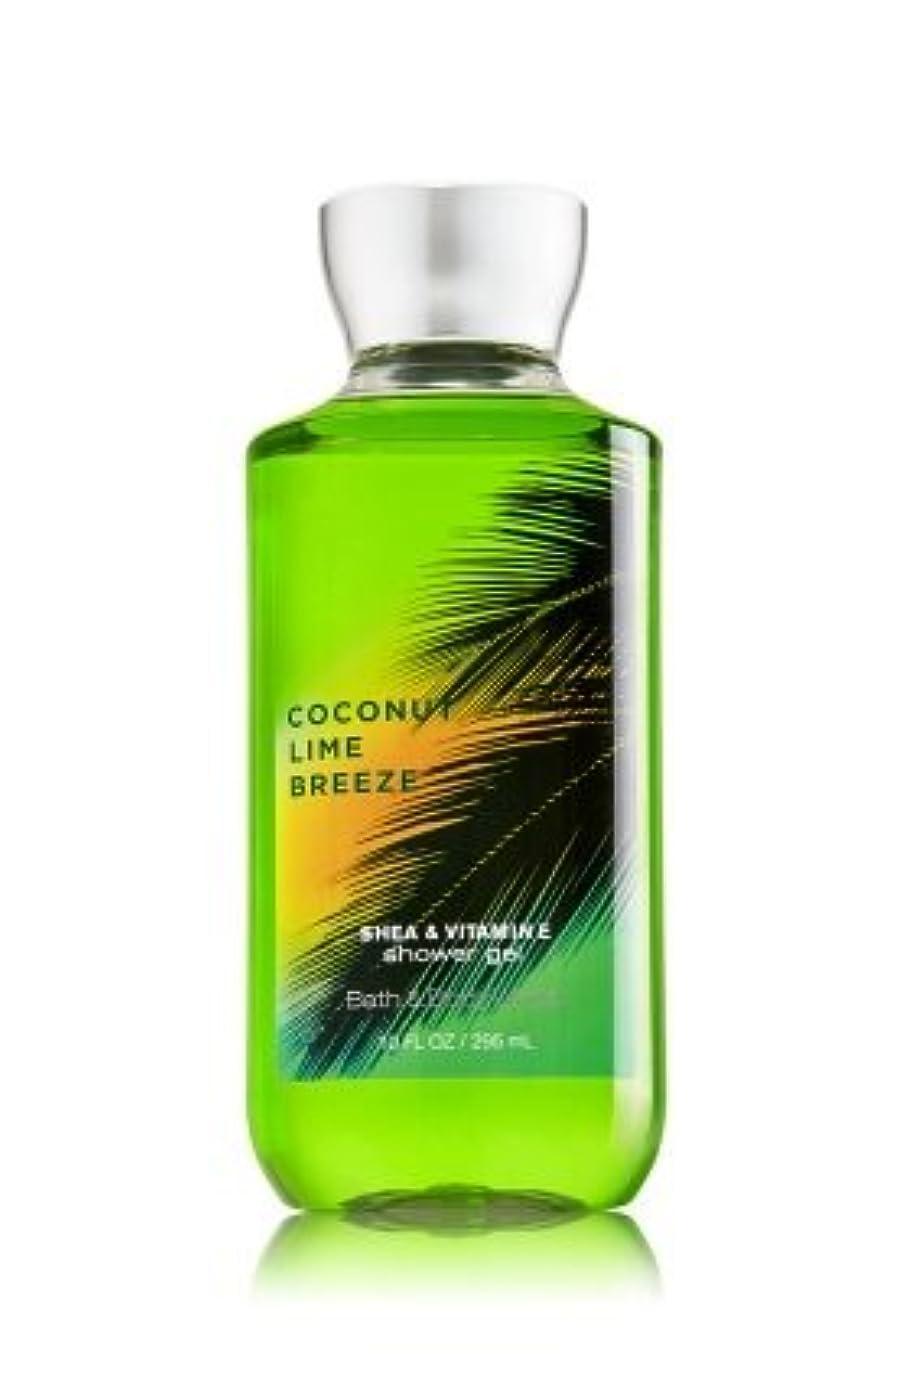 イデオロギー寄り添う歴史家【Bath&Body Works/バス&ボディワークス】 シャワージェル ココナッツライムブリーズ Shower Gel Coconut Lime Breeze 10 fl oz / 295 mL [並行輸入品]